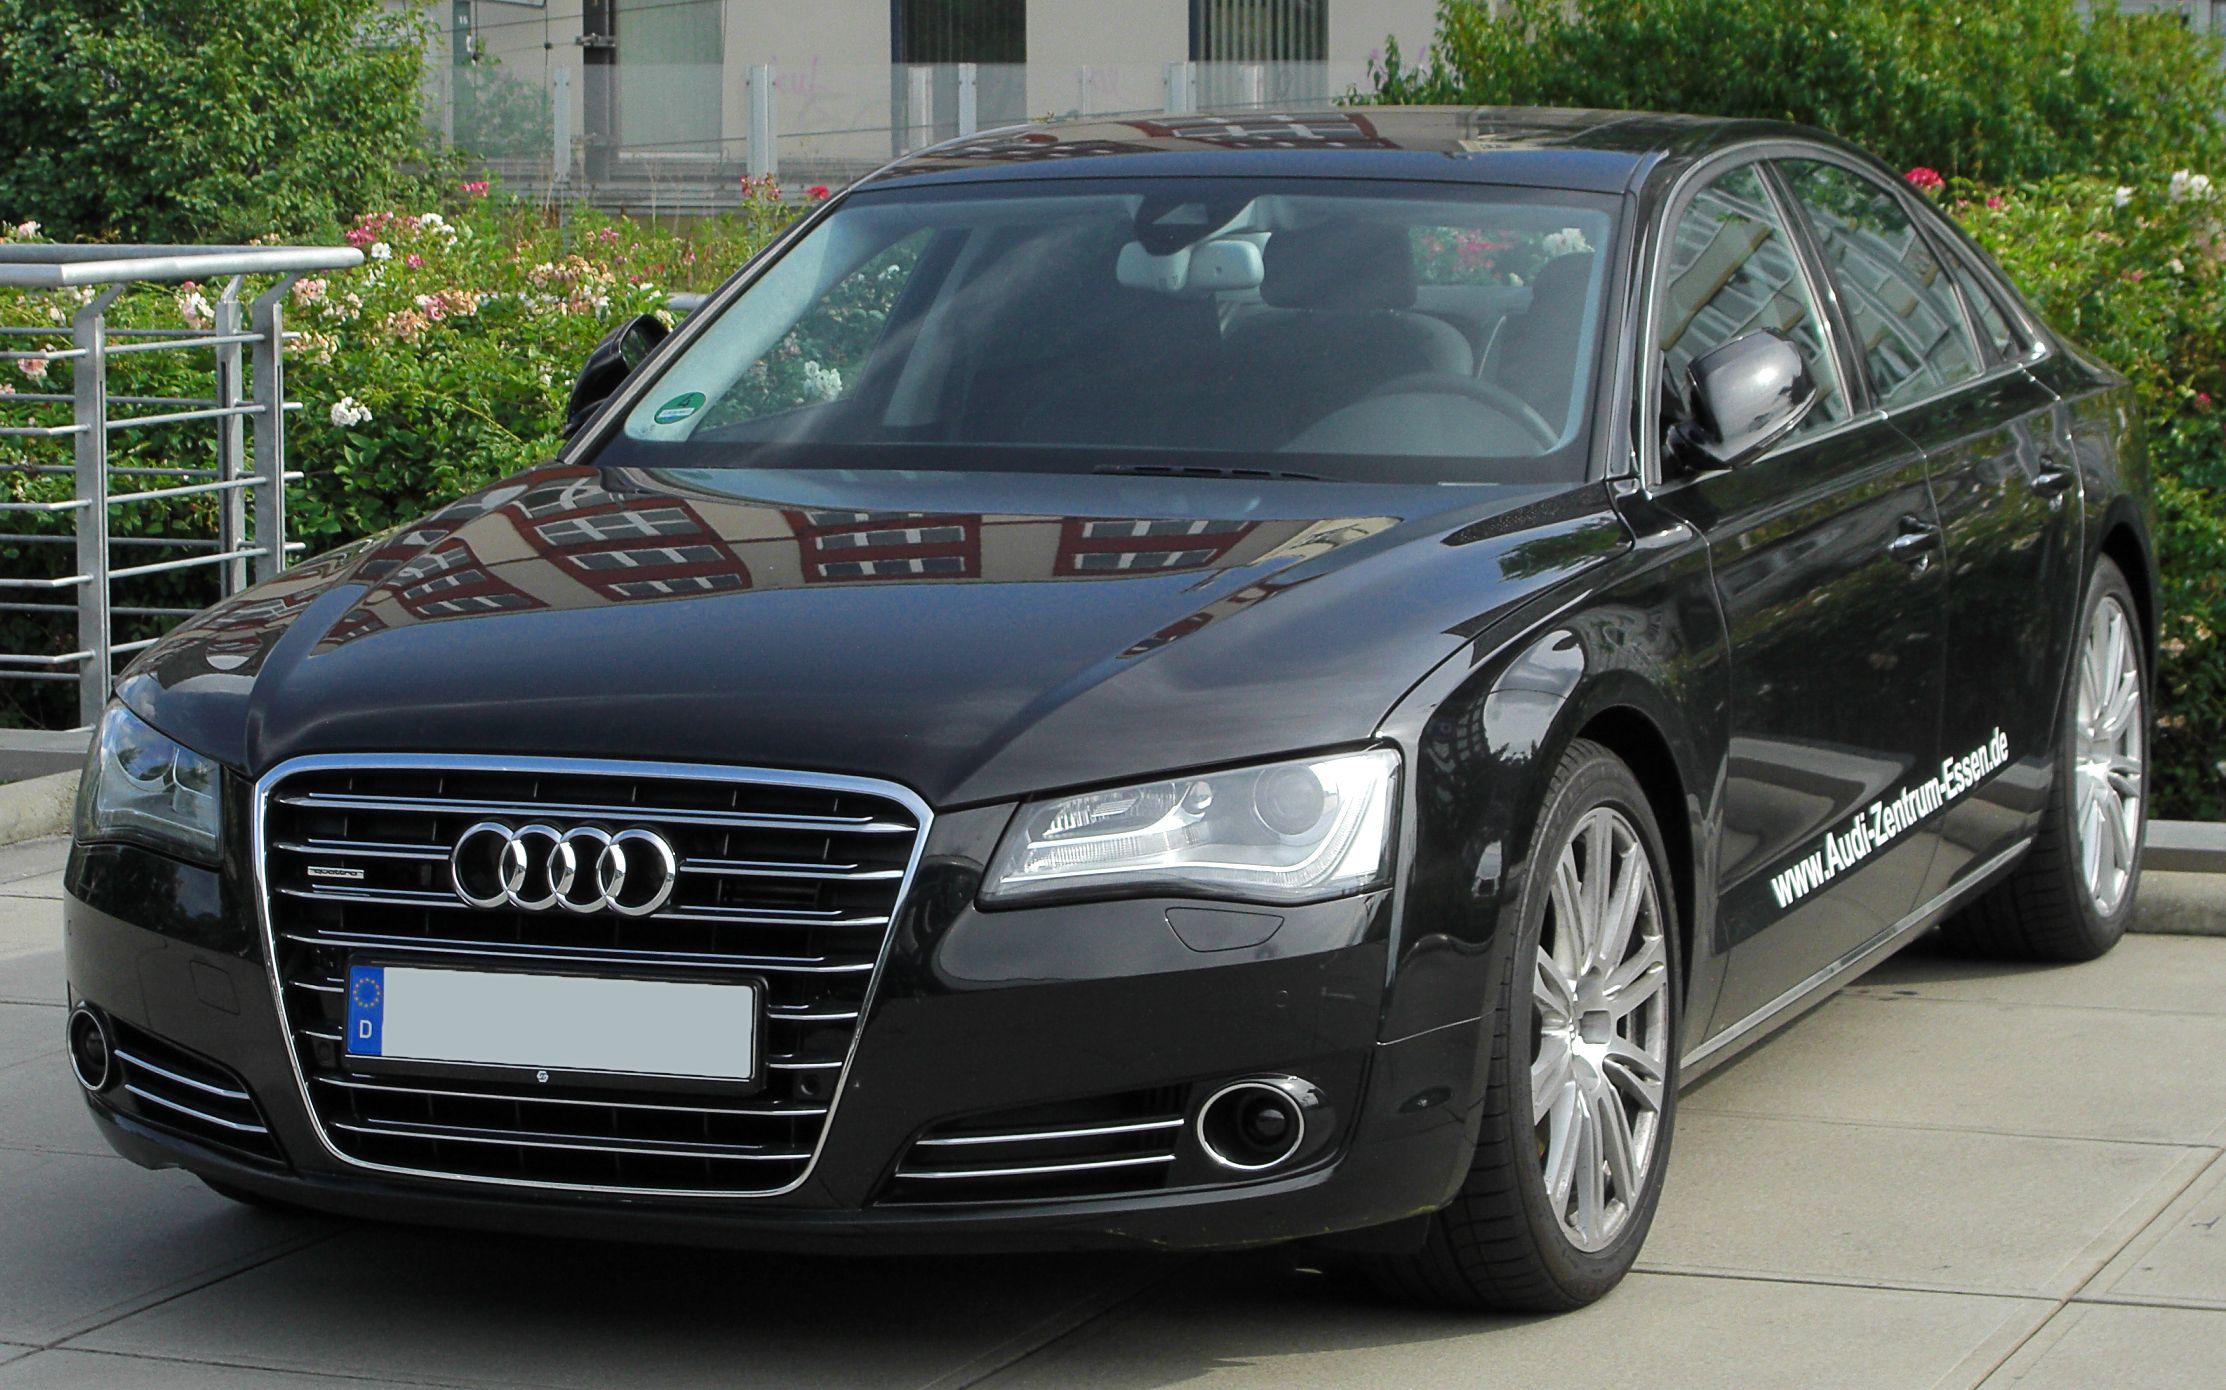 Kelebihan Audi A8 4.2 Perbandingan Harga